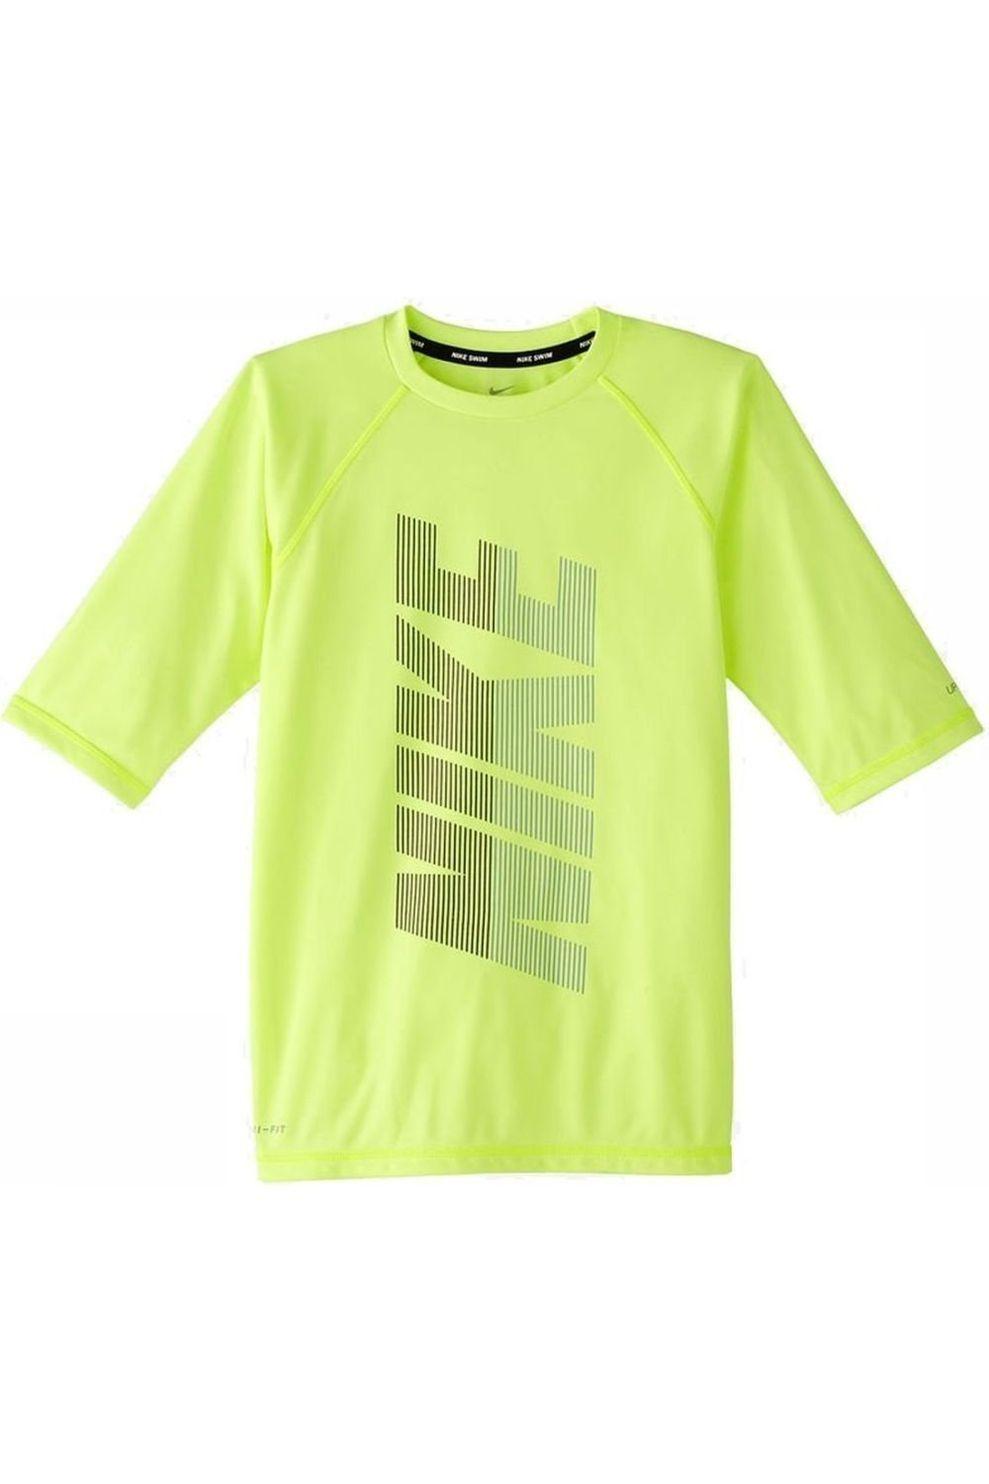 Nike Lycra Rift Hydroguard voor jongens - Geel - Maten: XS, S, M, L